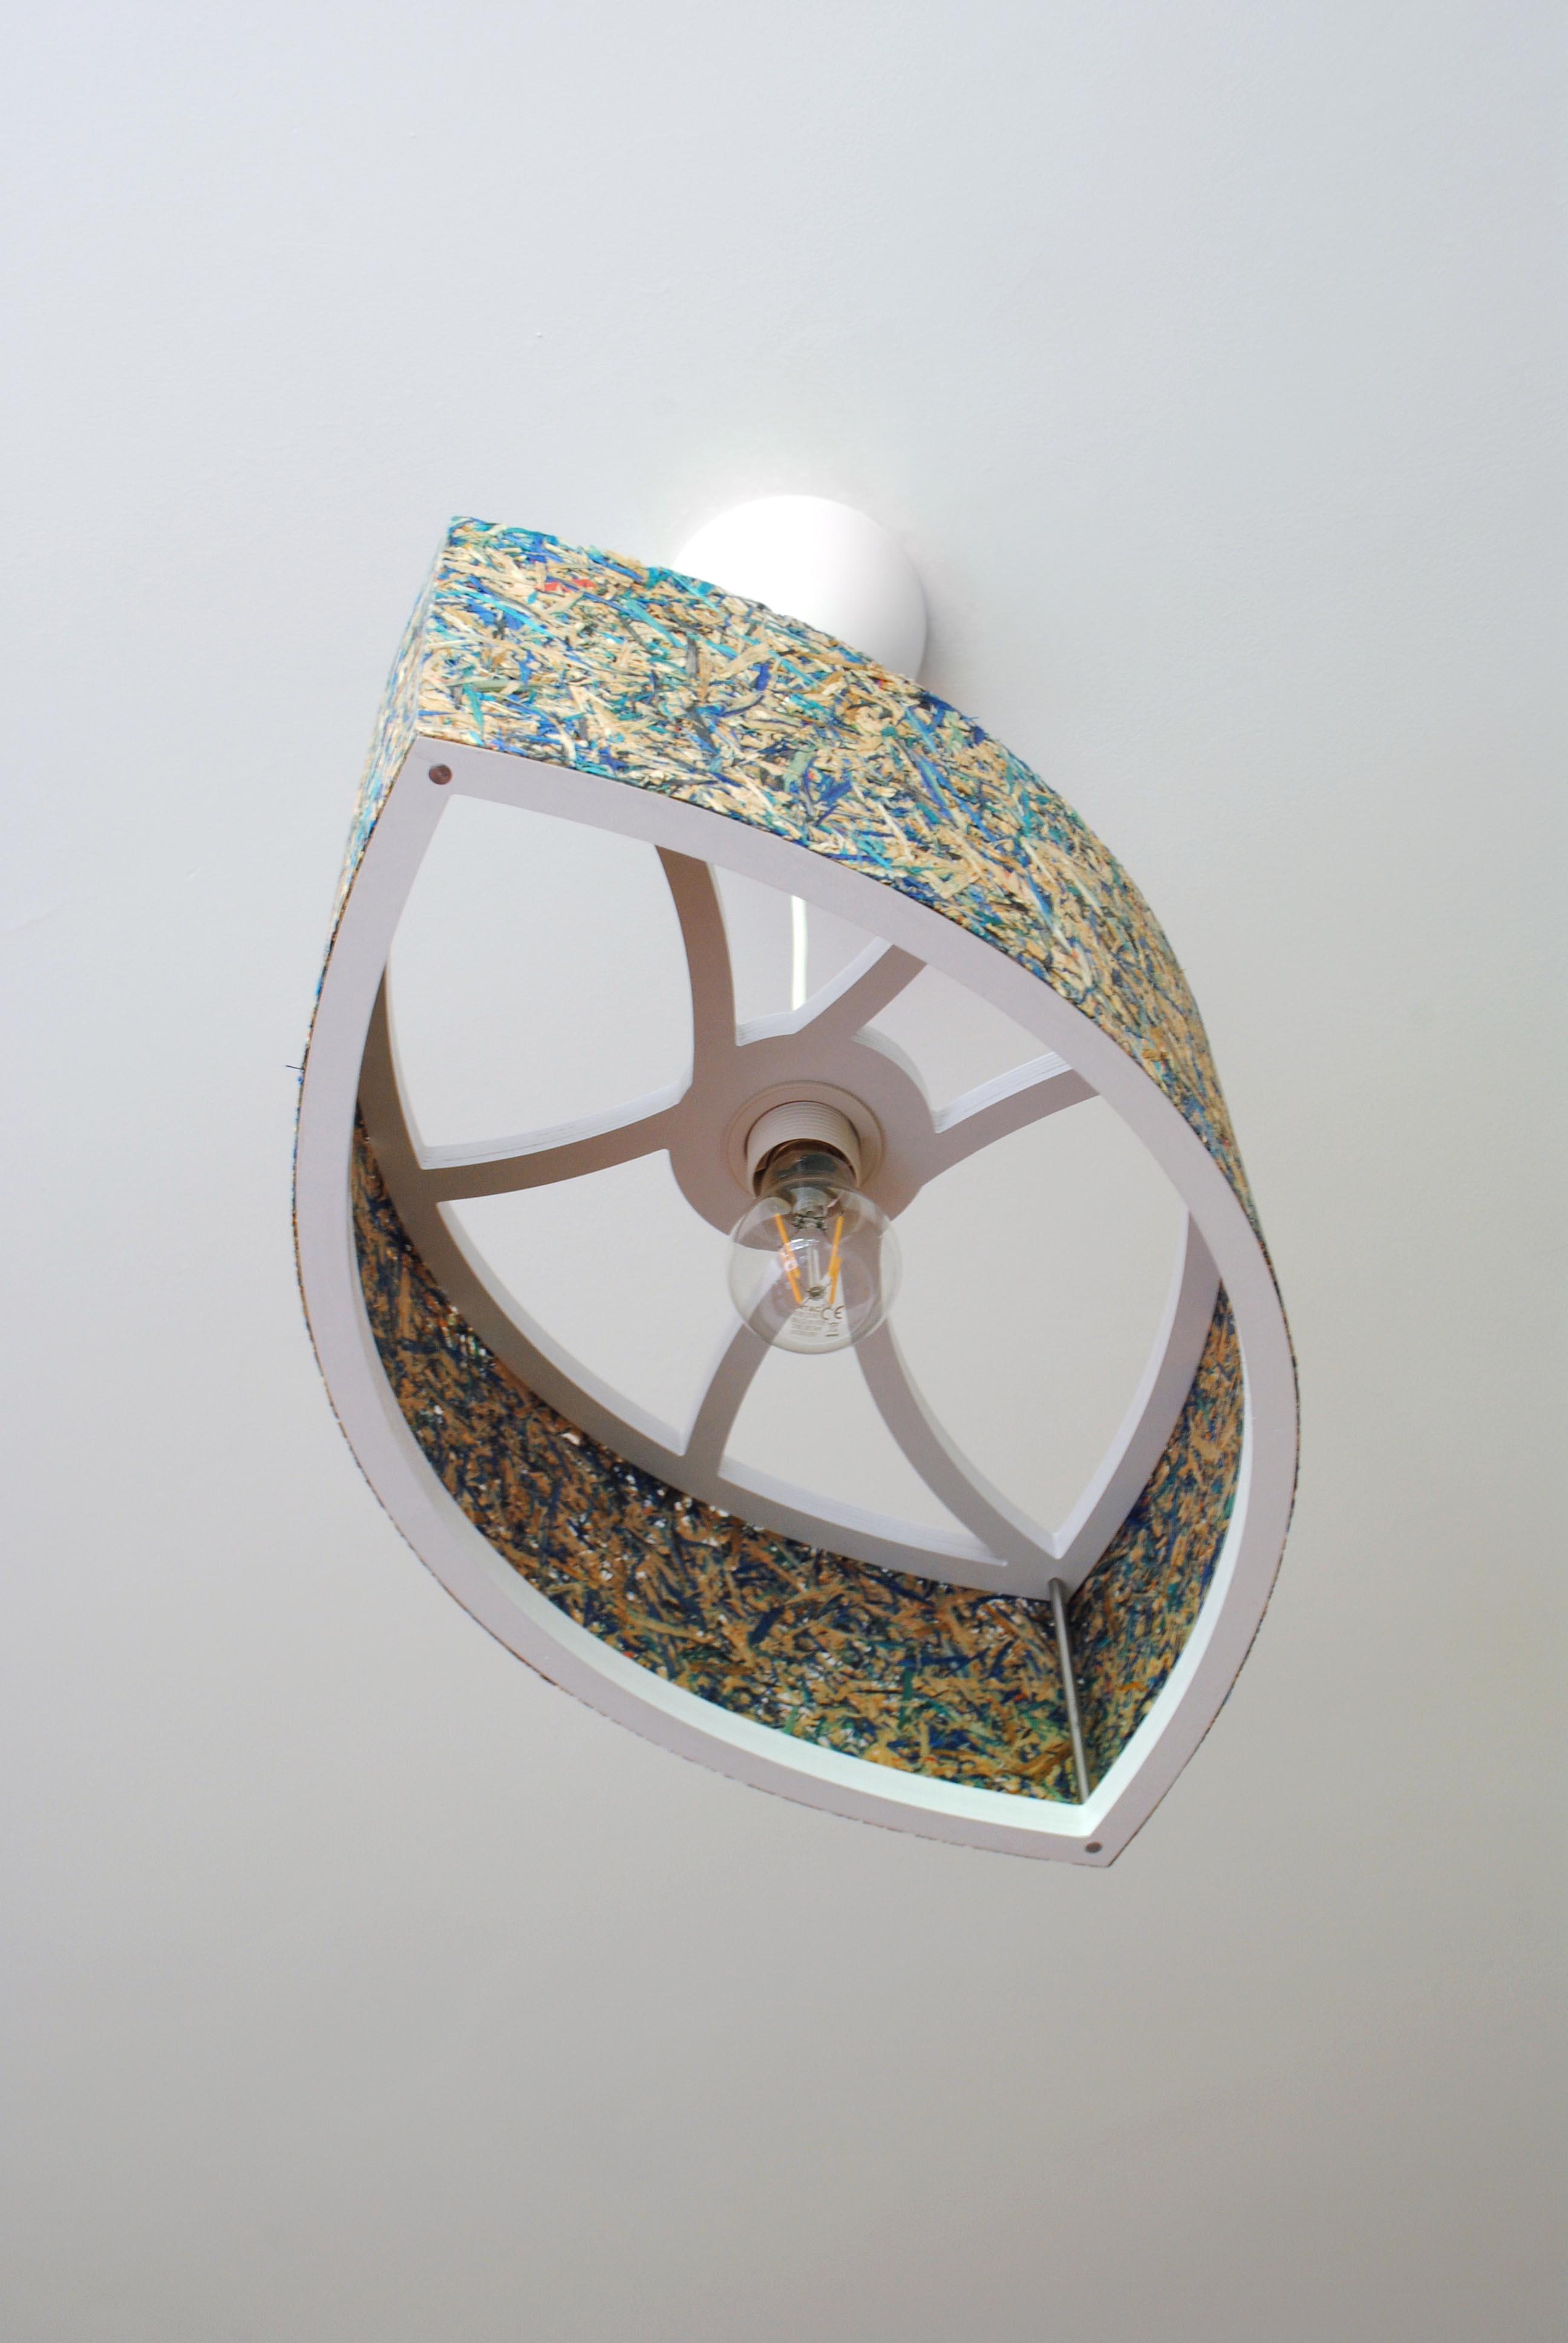 skate osb eye lamp